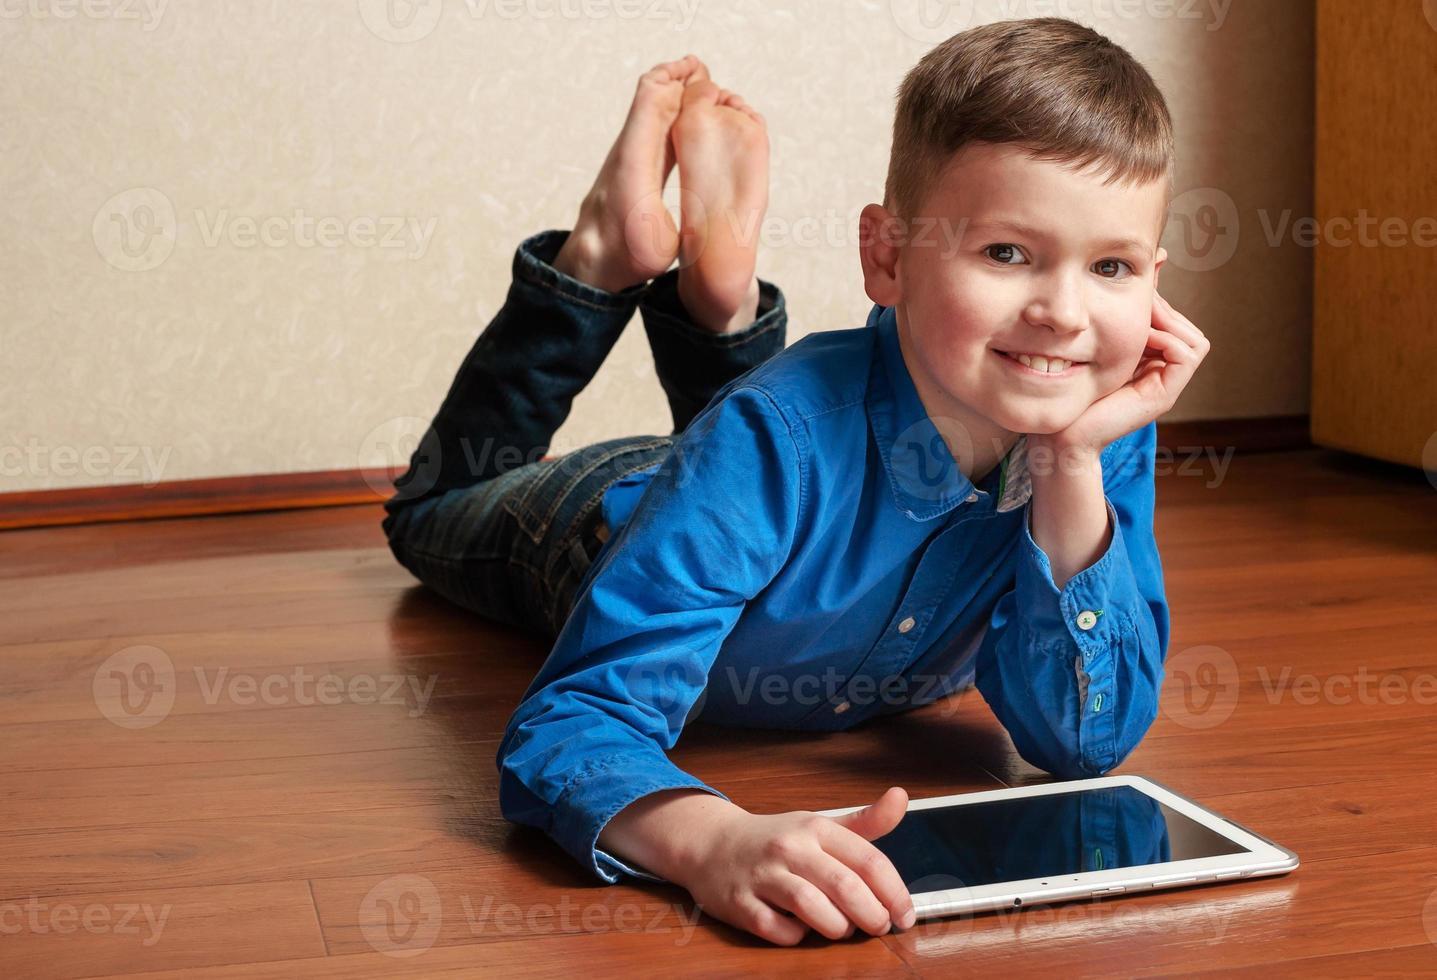 menino sorridente deitado no chão com um tablet digital foto